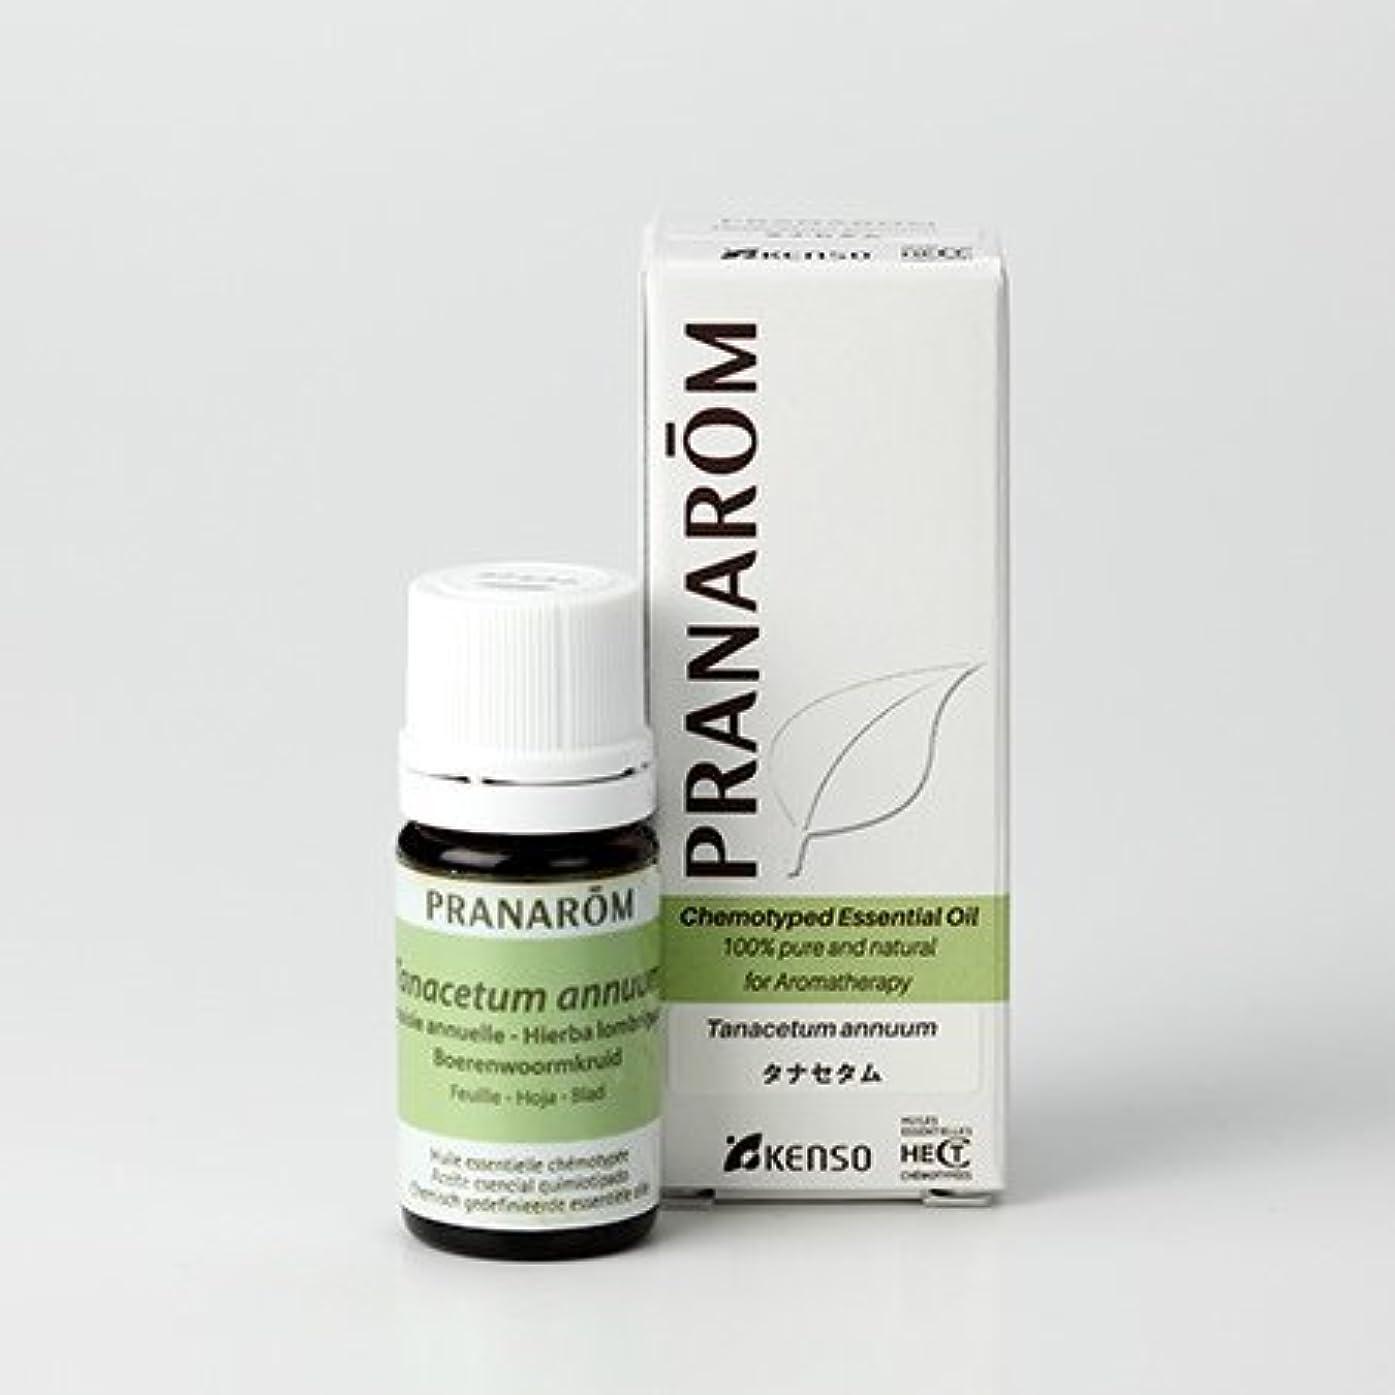 そこセマフォカセット【タナセタム 5ml】→甘みのある、濃厚でフルーティな香り?(リラックスハーブ系)[PRANAROM(プラナロム)精油/アロマオイル/エッセンシャルオイル]P-173